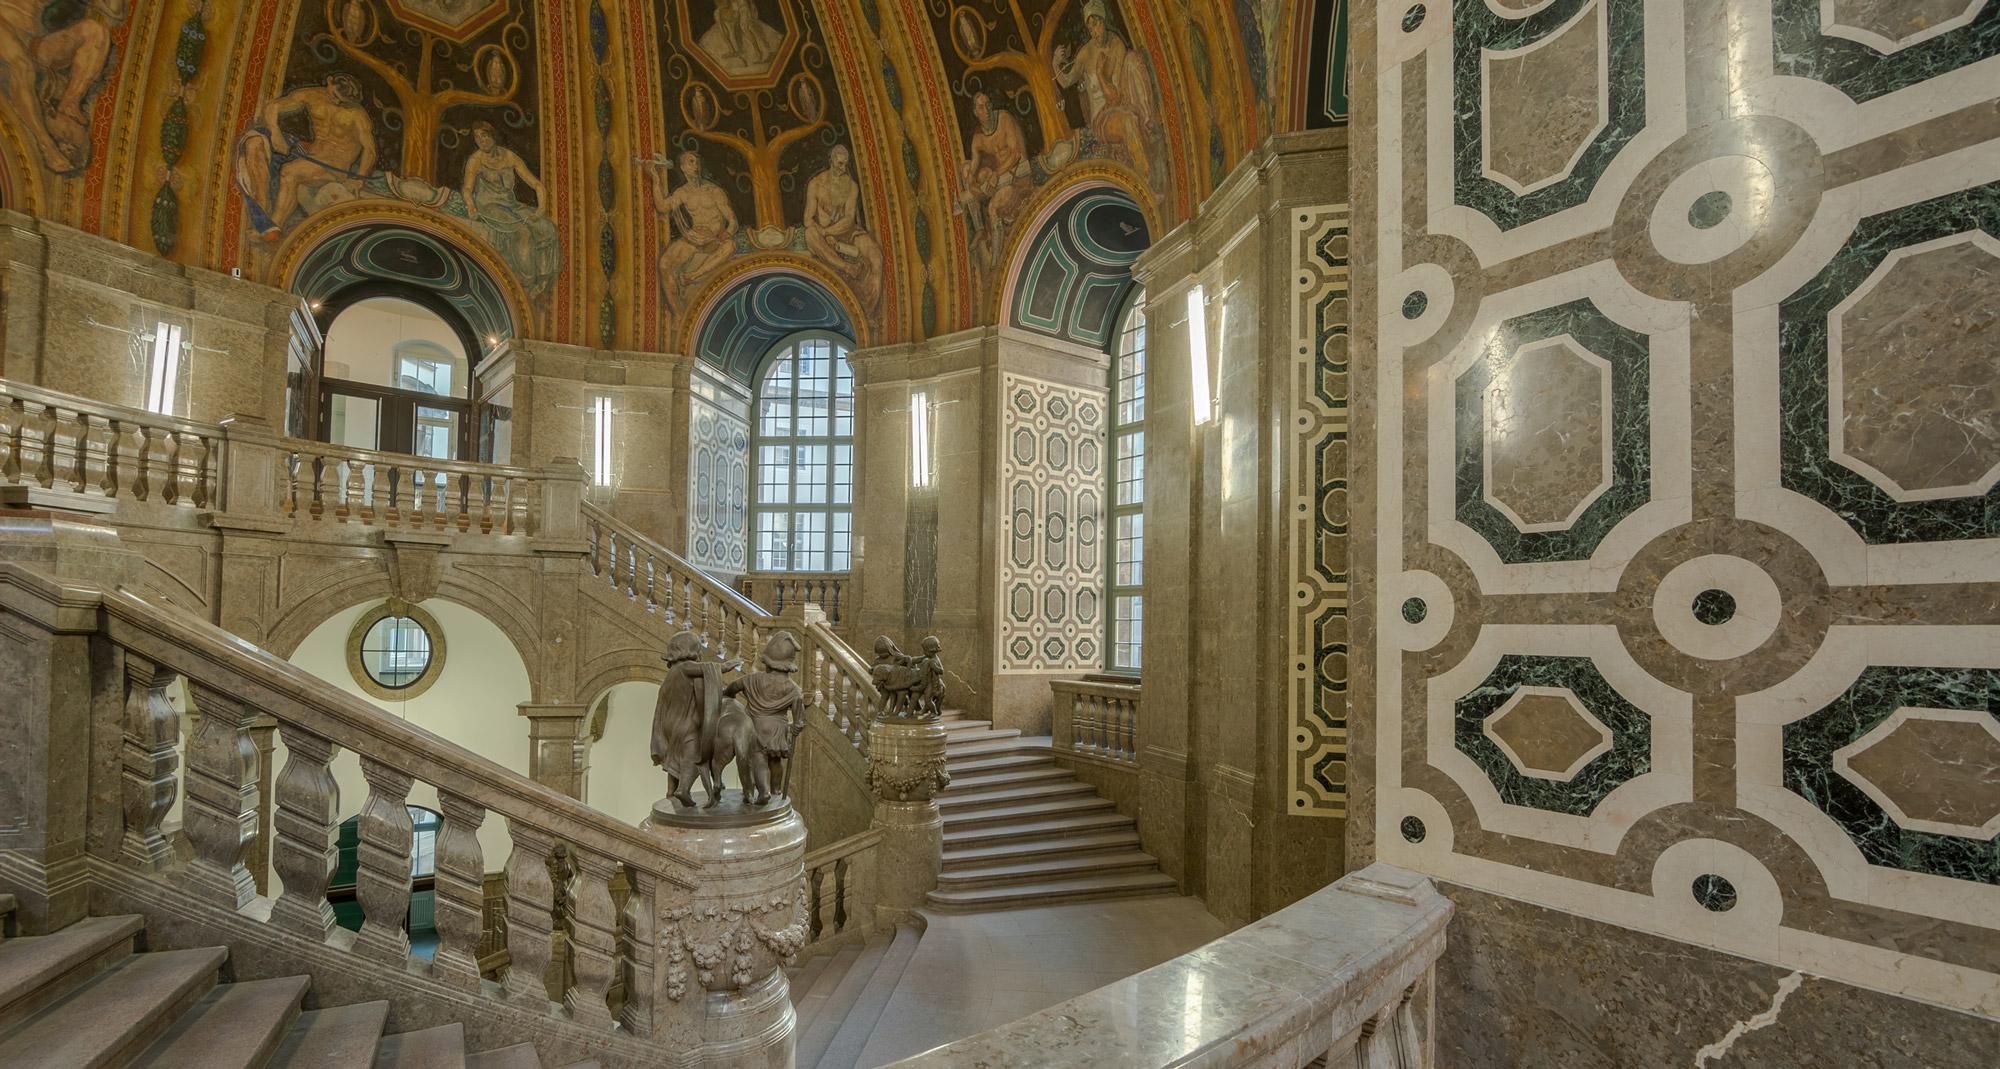 Raumimpression mit Mosaikfläche - Neues Rathaus Dresden